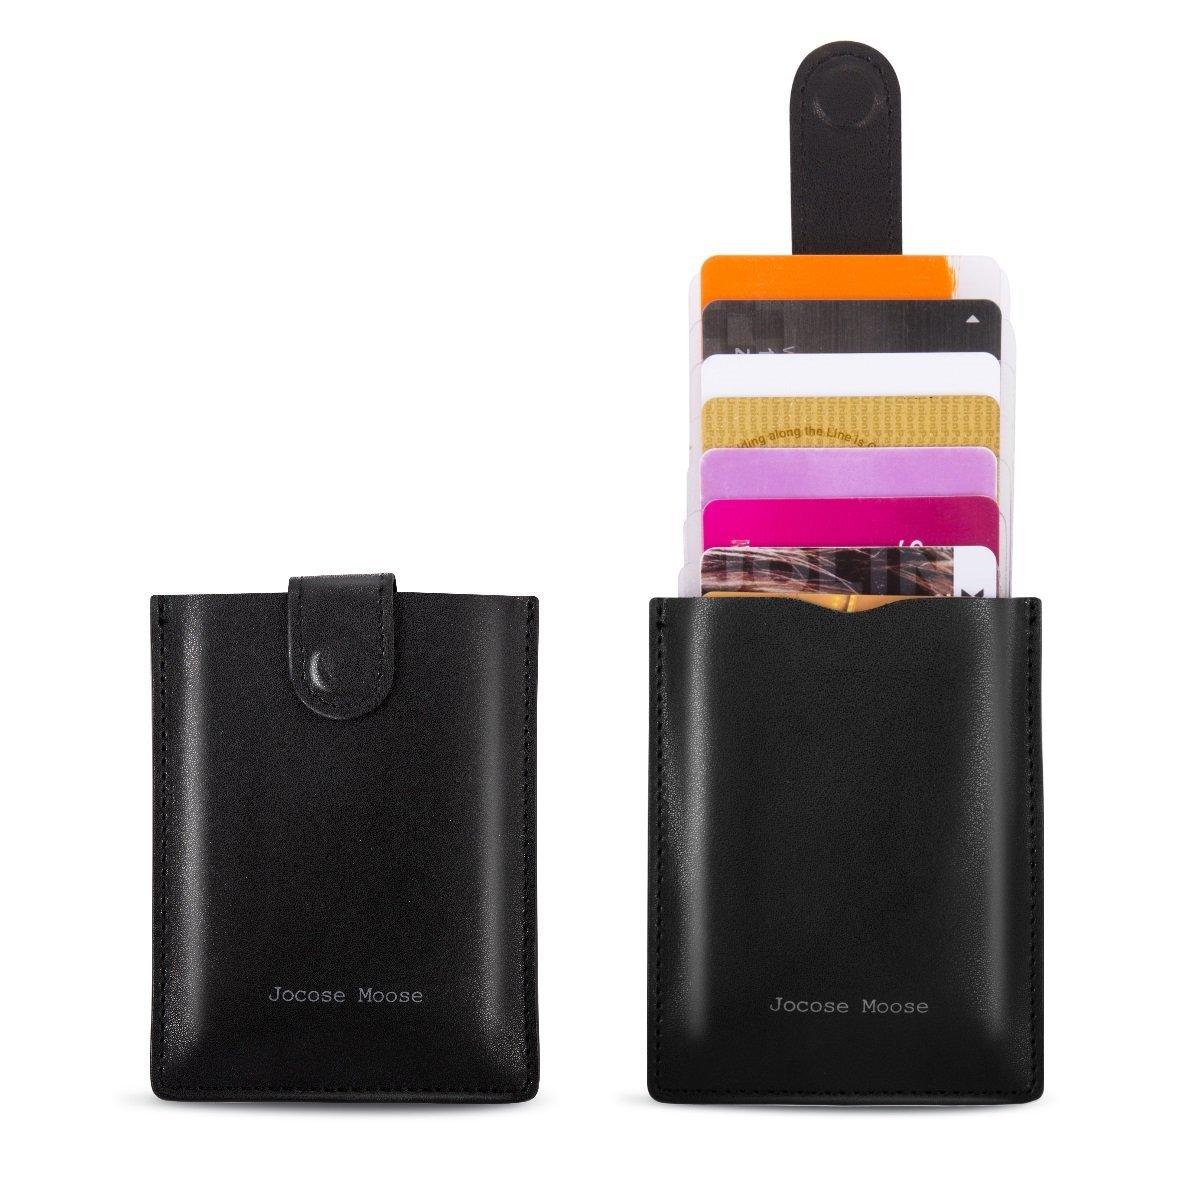 RFID Leder Minimalistische Schlanke Geldbörsen - Kreditkarteninhaber Vordertasche Brieftasche für Männer Frauen